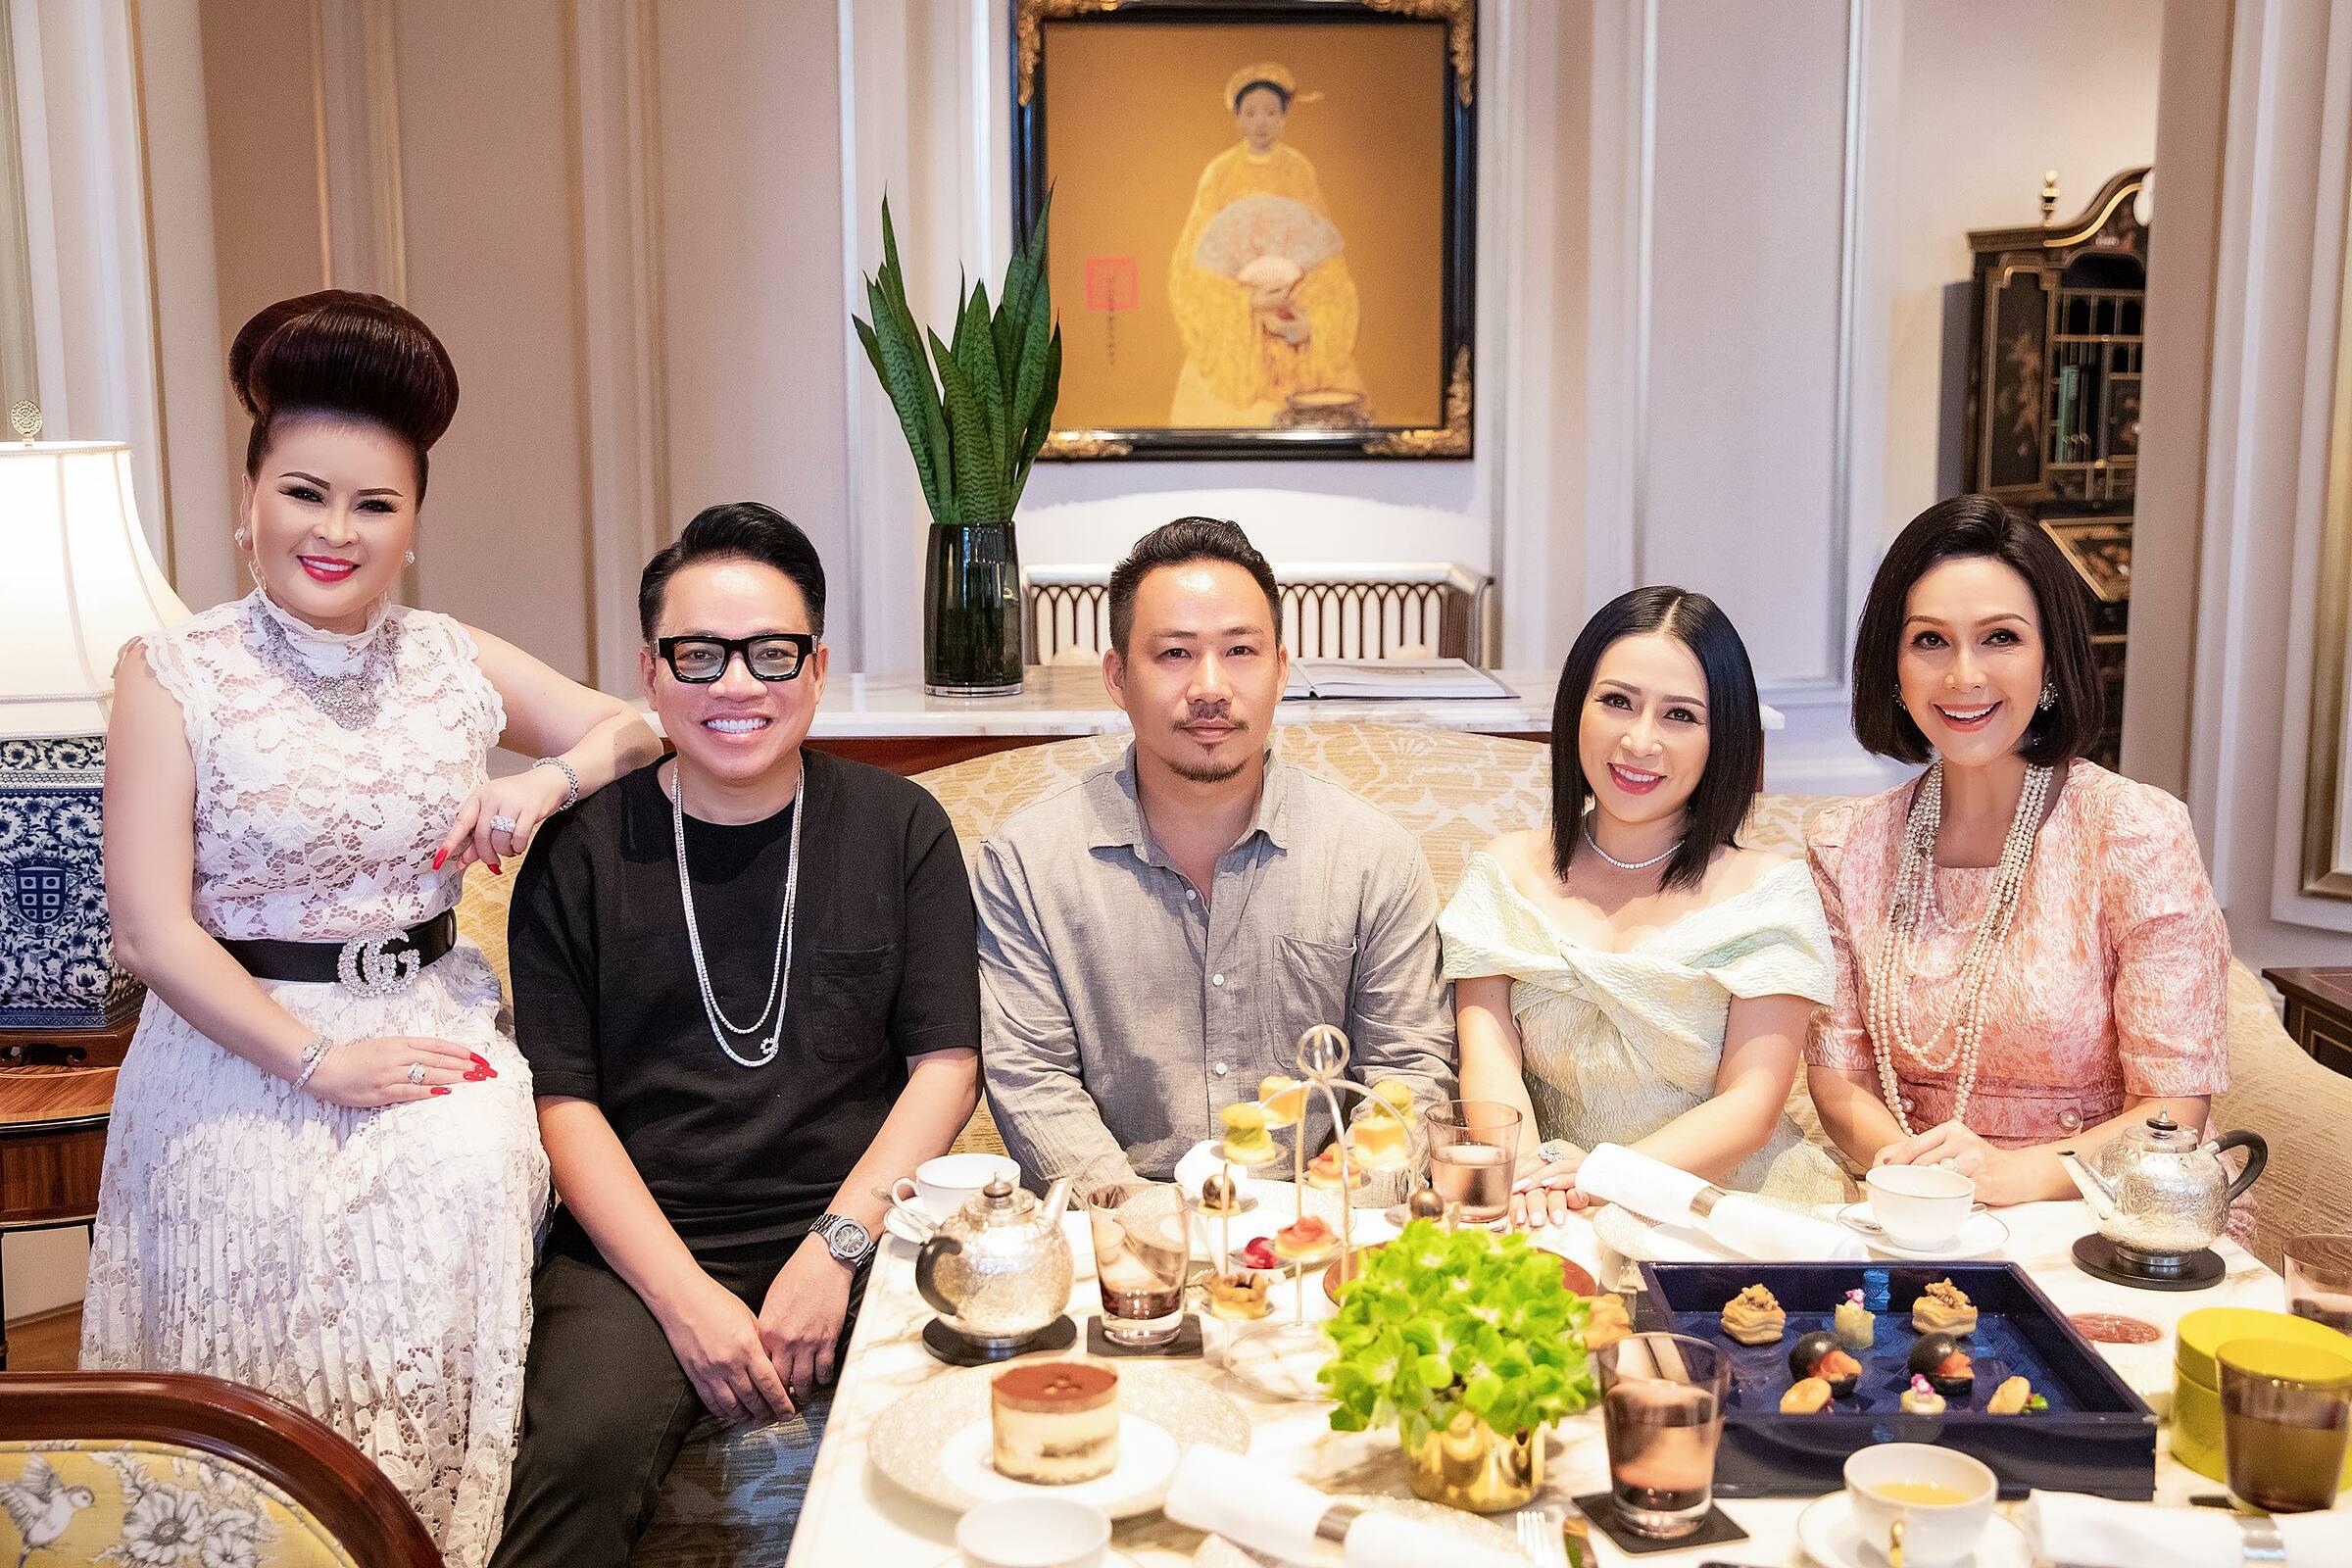 Bữa tiệc do doanh nhân Huy Cận (áo đen) tổ chức còn có sự góp mặt của dianh nhân Thủy Nguyễn, nhạc sĩ Huỳnh Nhật Đông...